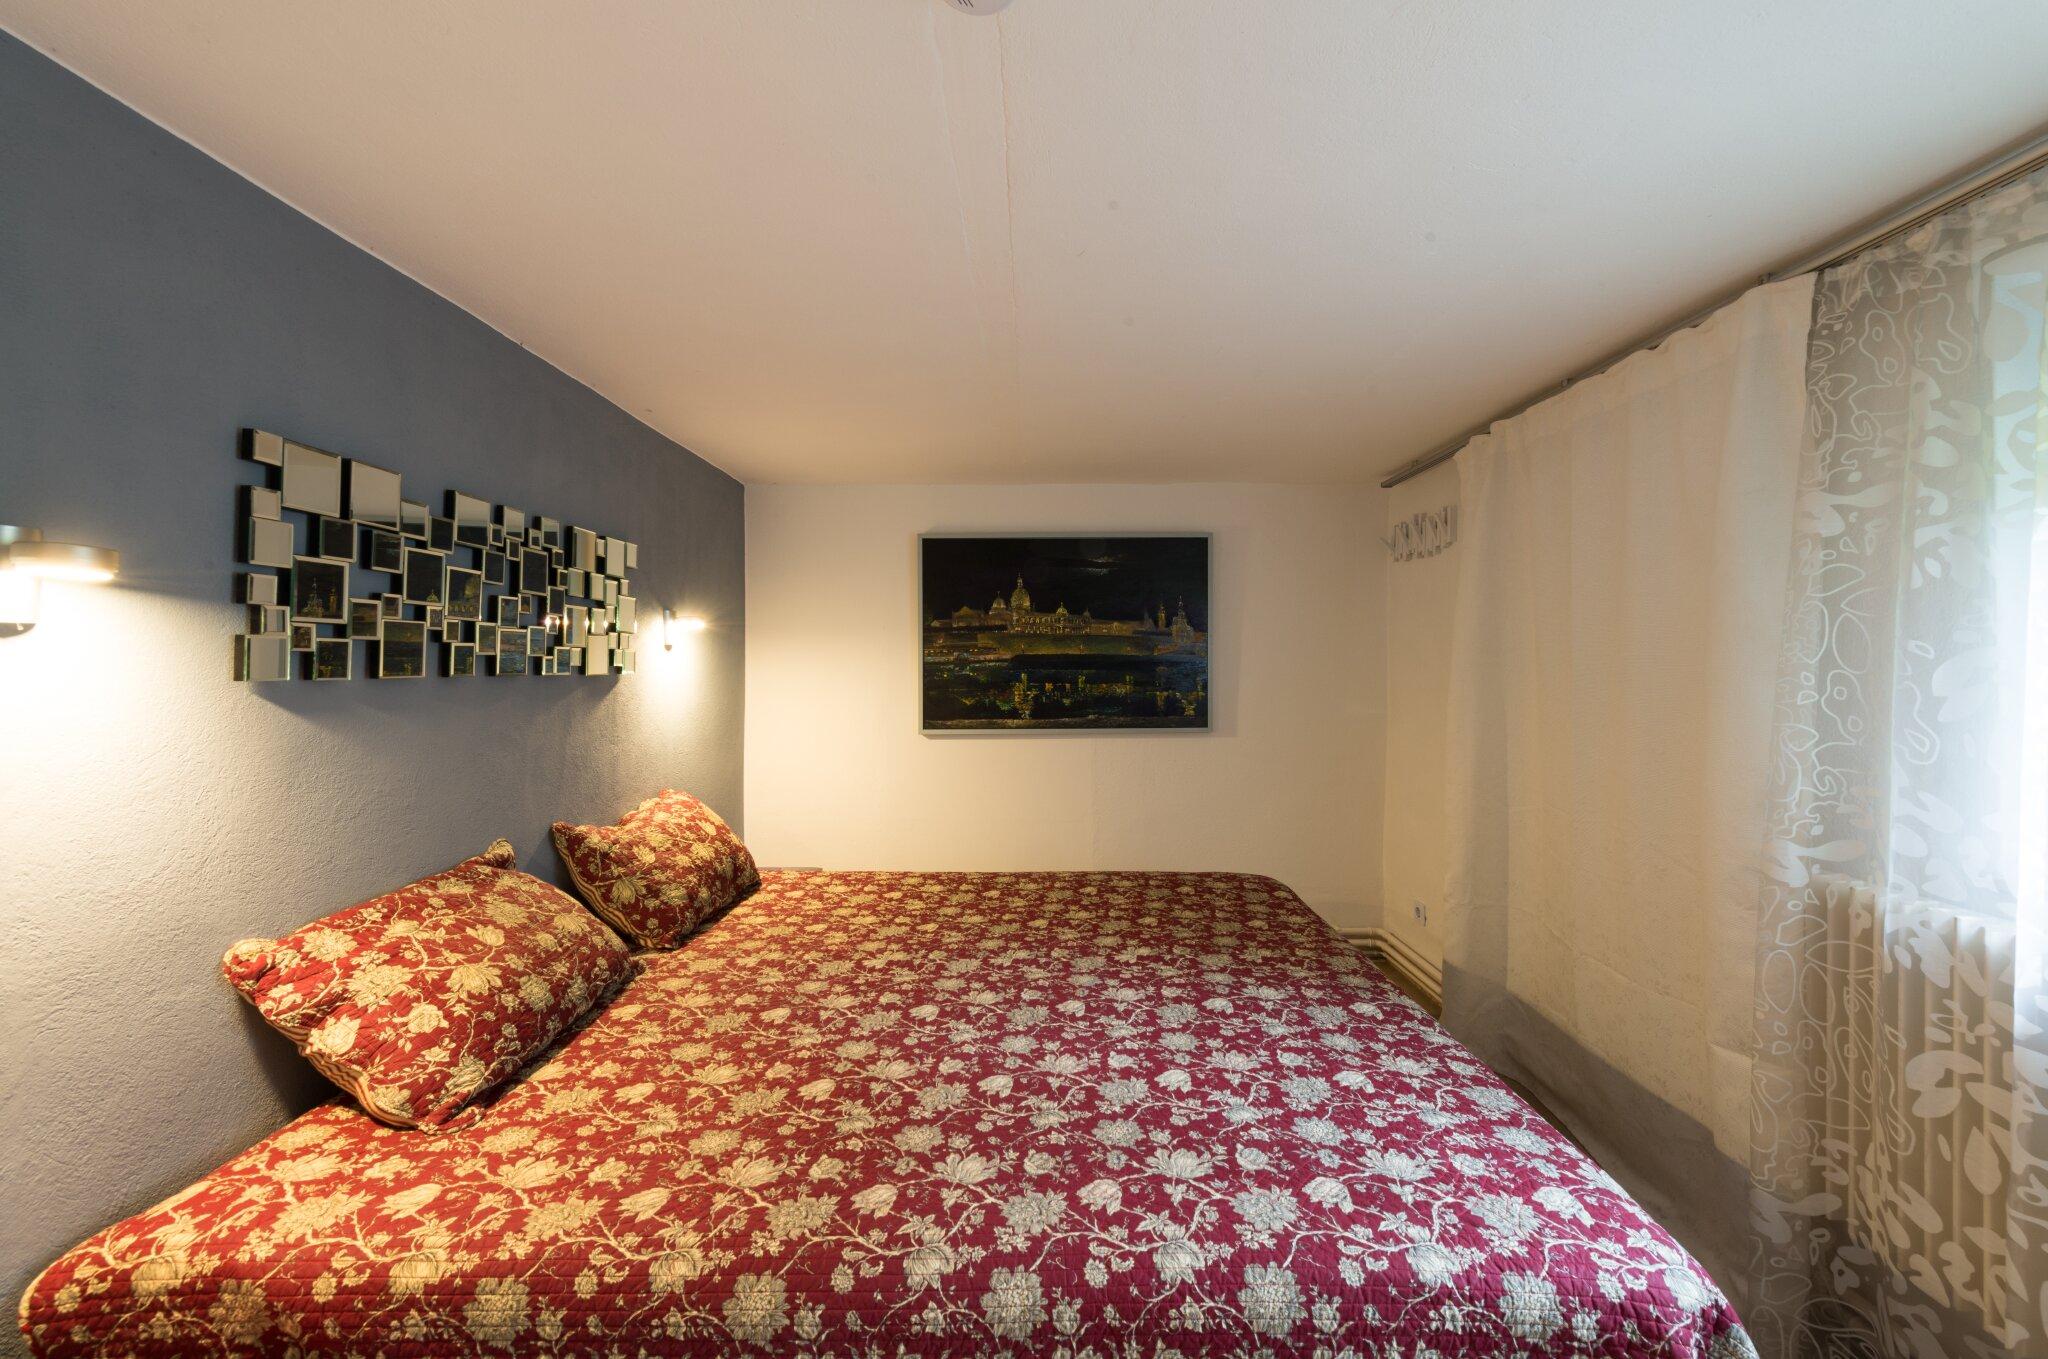 Oberes Schlafzimmer für 2